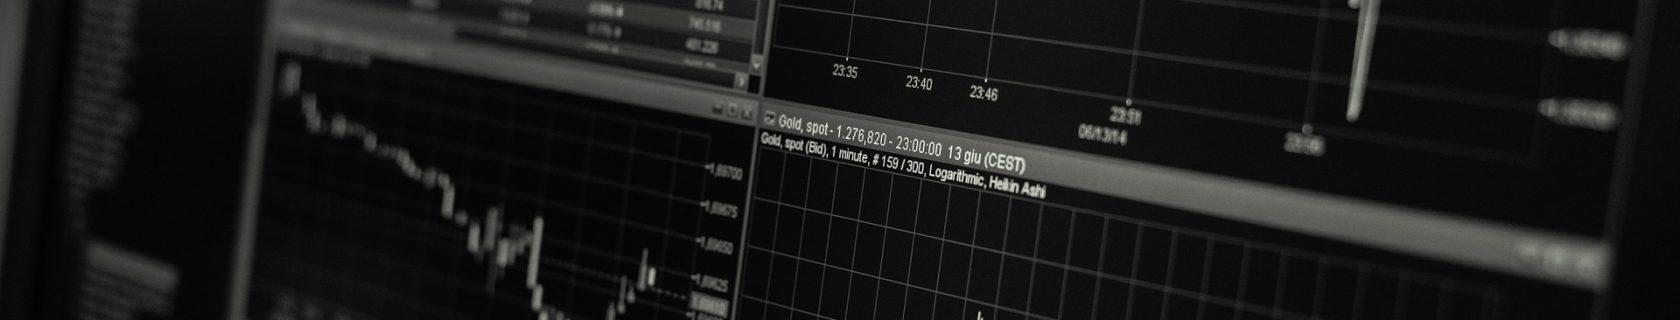 Aktienmarkt Charts Überblick